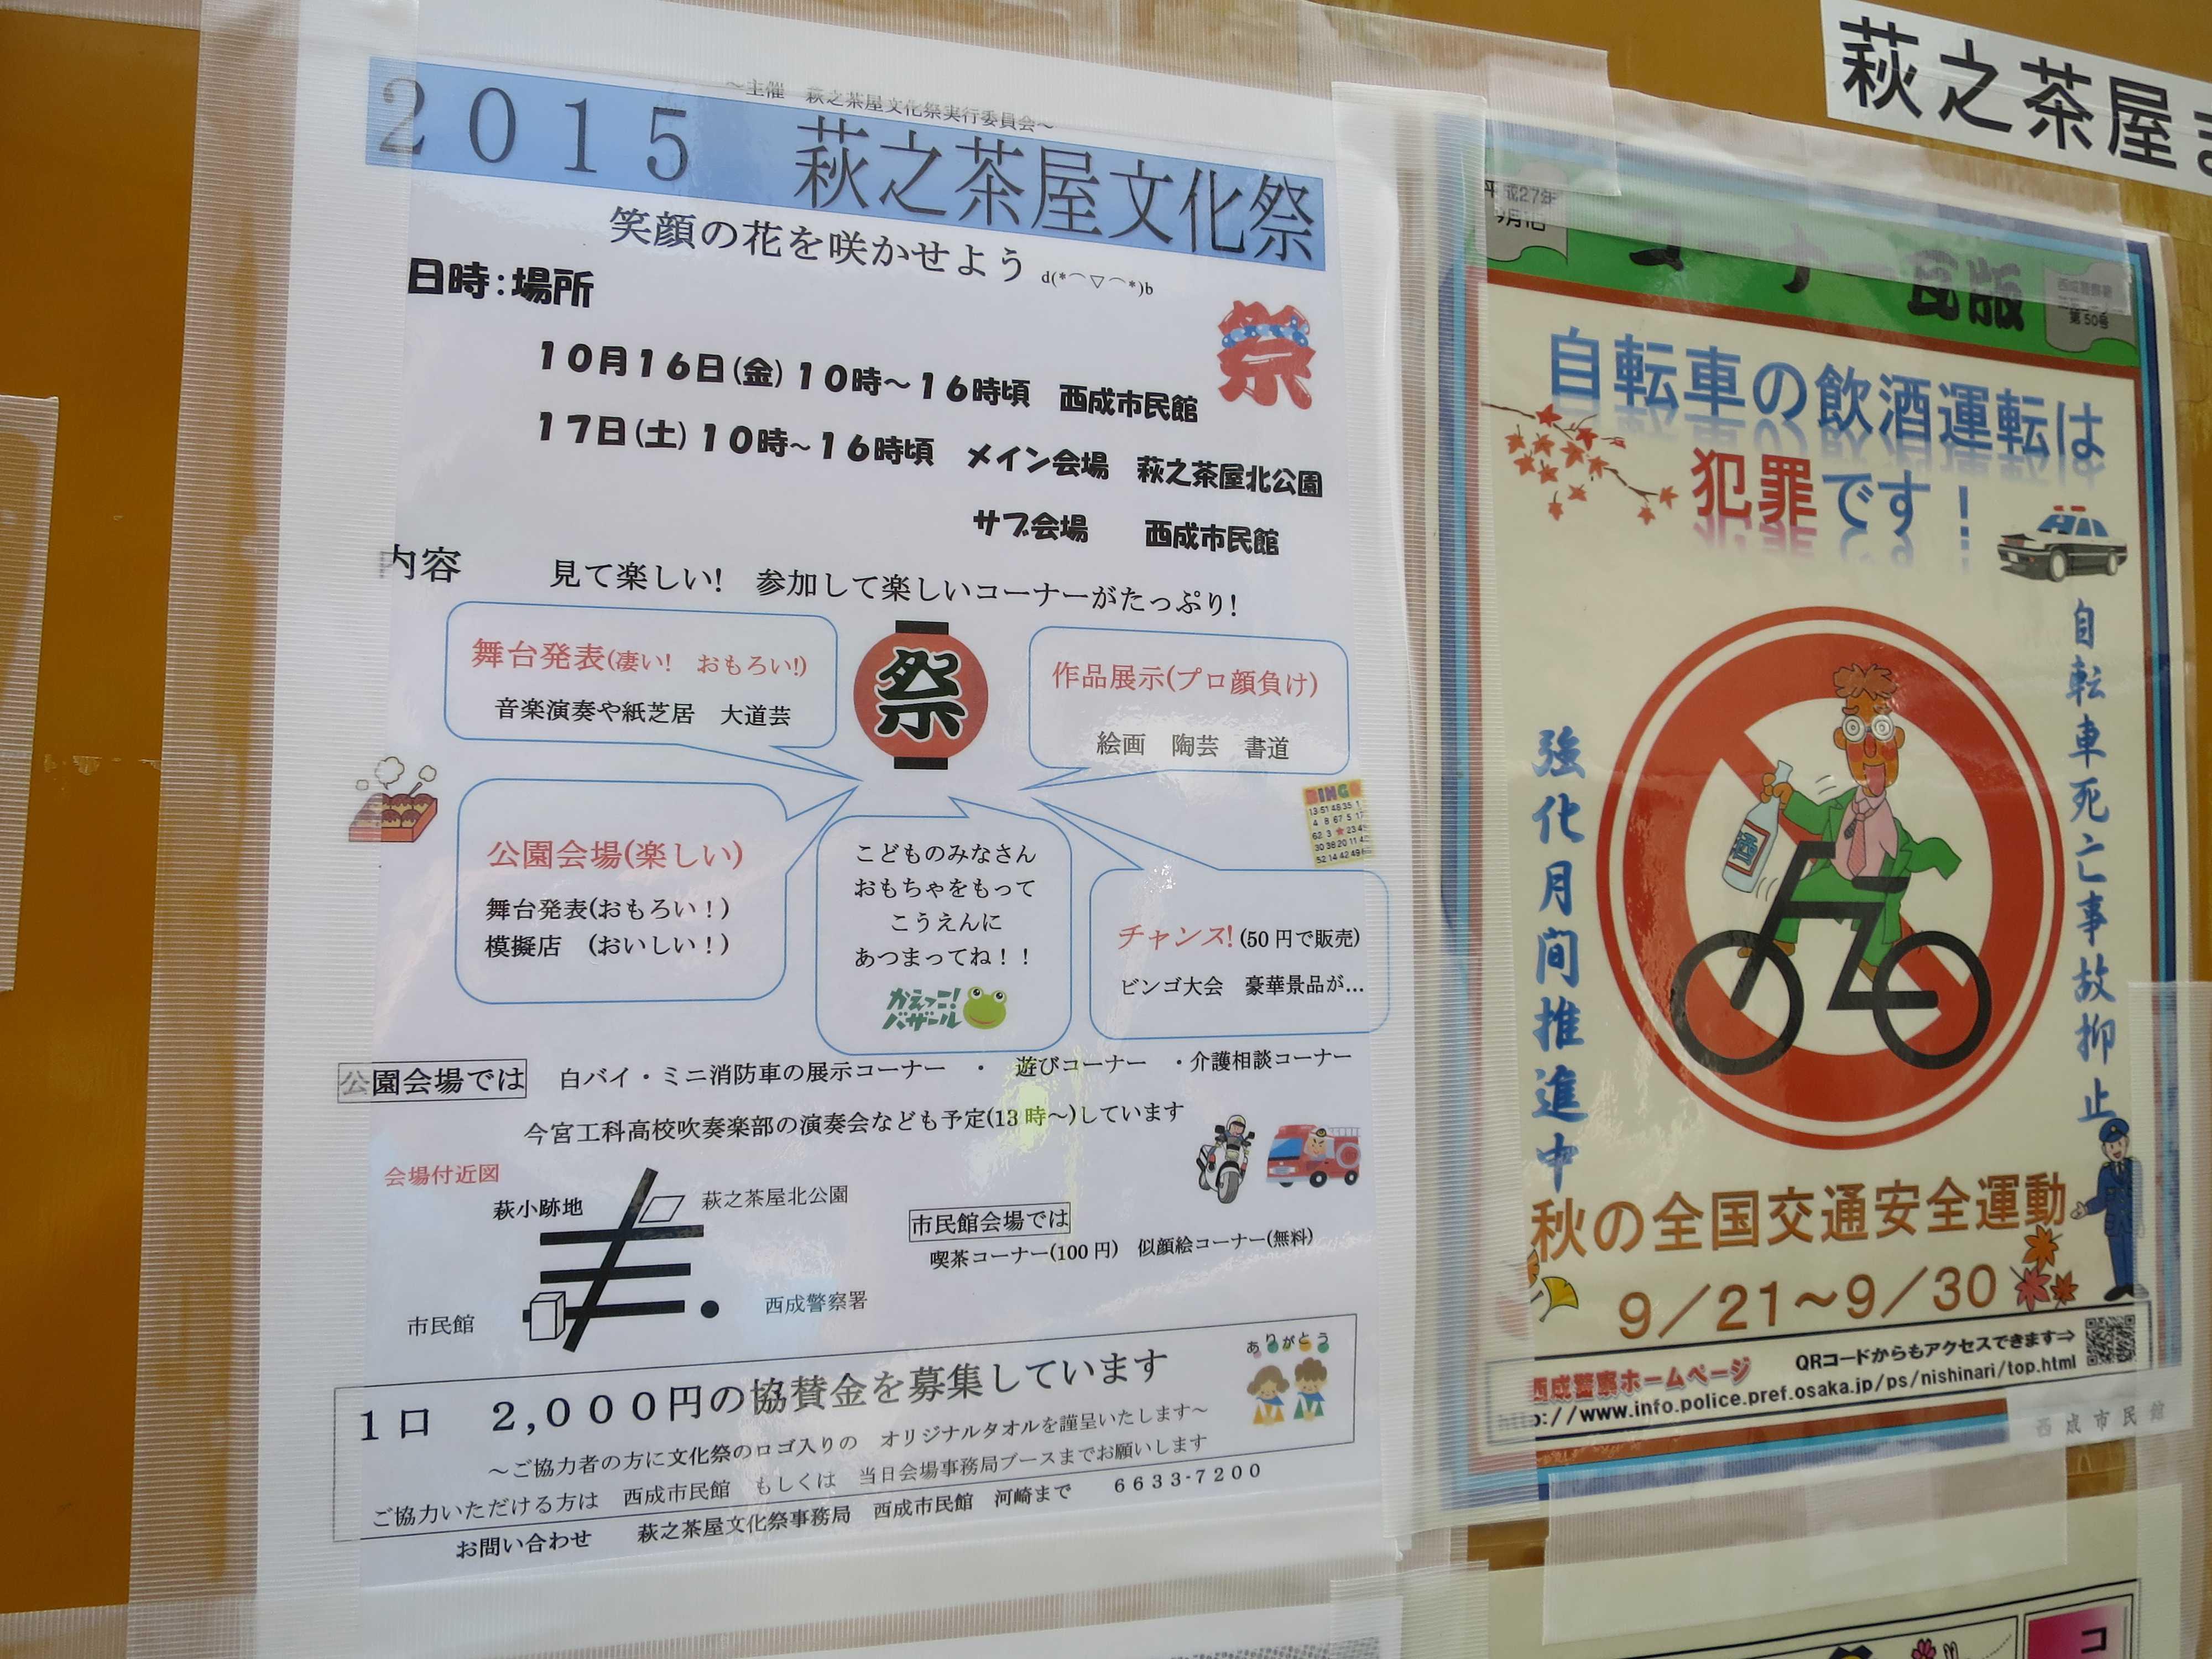 2015 萩之茶屋文化祭